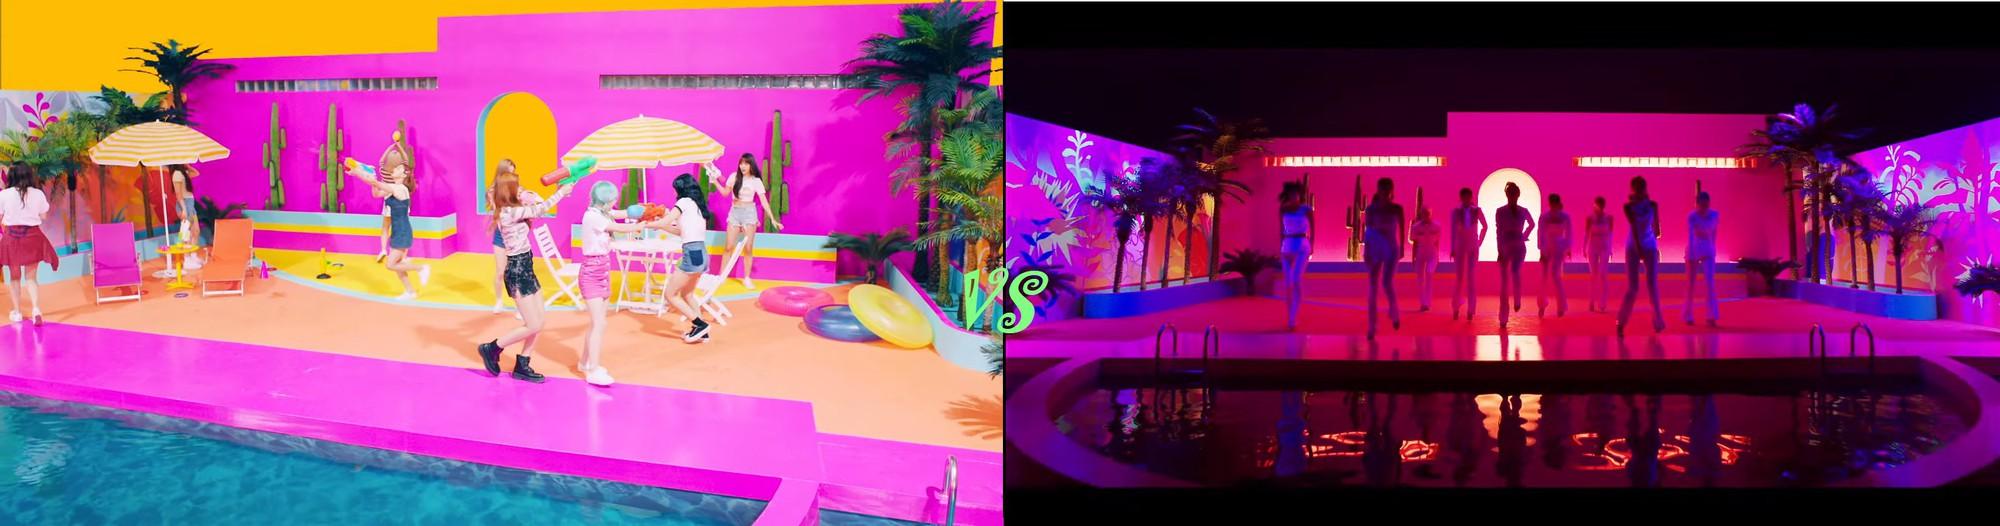 TWICE tung MV mới khiến netizen tưởng nhóm là con ghẻ JYP ở Hàn, có 1 điều làm tốt hơn BLACKPINK - Hình 3